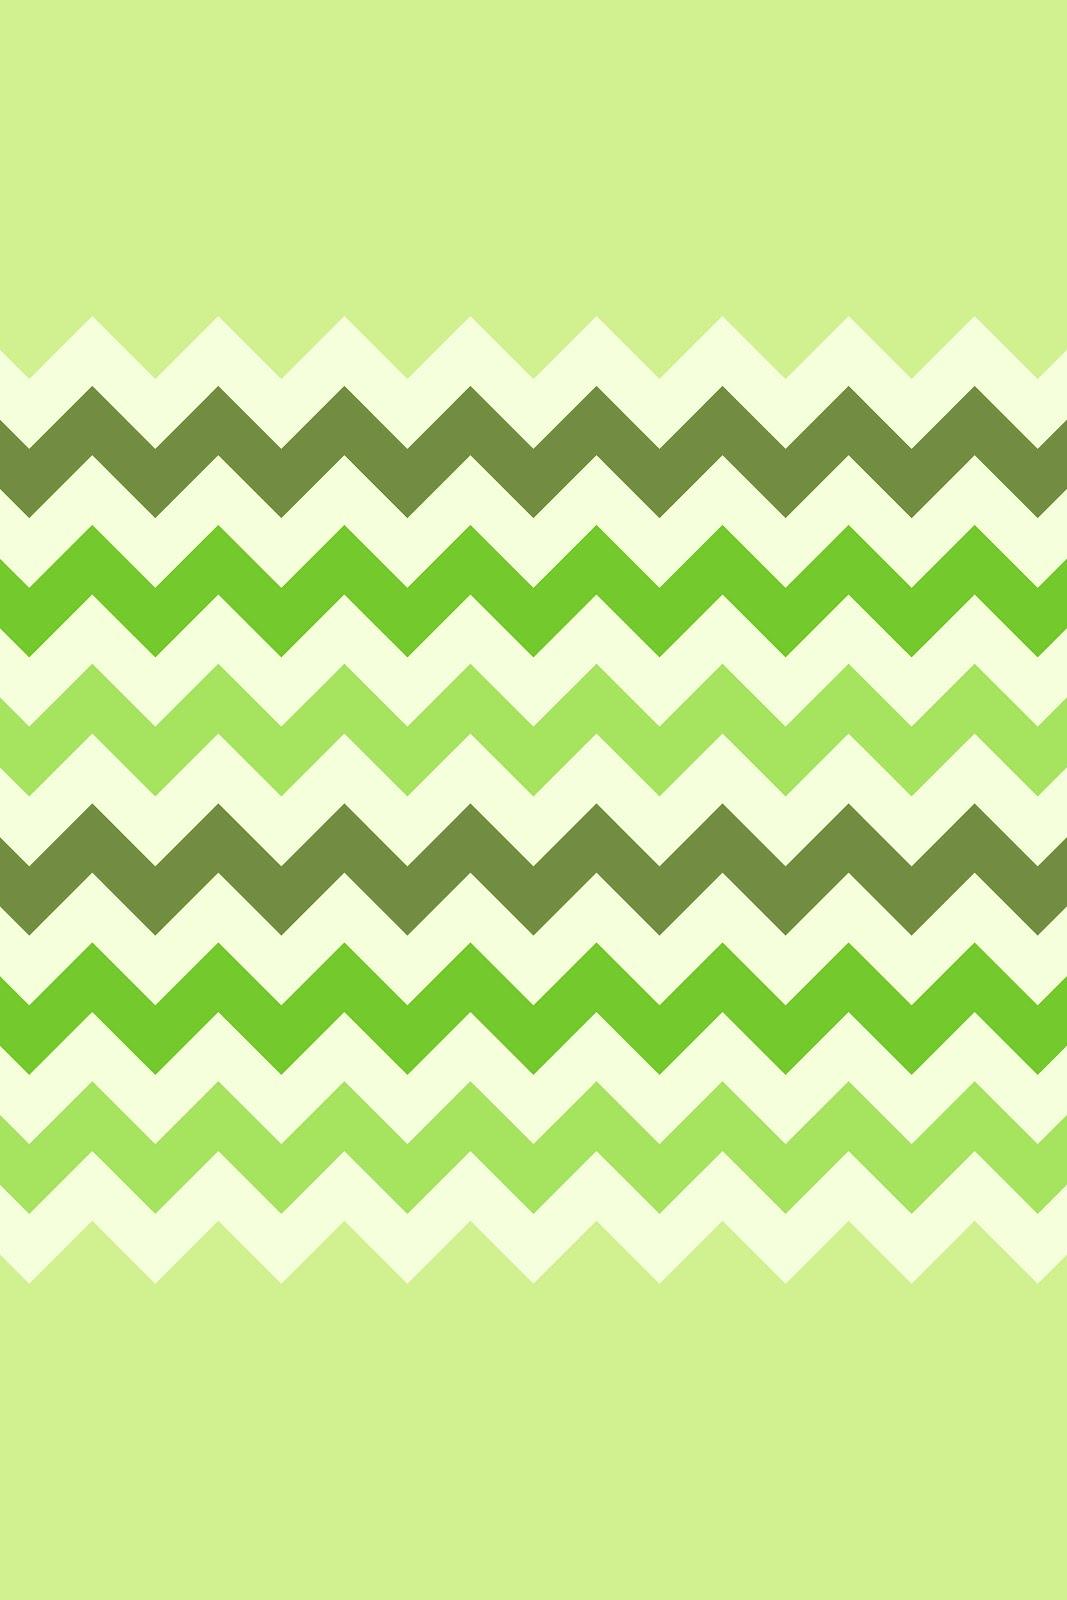 http://1.bp.blogspot.com/-gdO_USaSPxQ/T1ooMOYzshI/AAAAAAAAIs4/P0ciArjWOf8/s1600/march-wallpaper-iphone.jpg